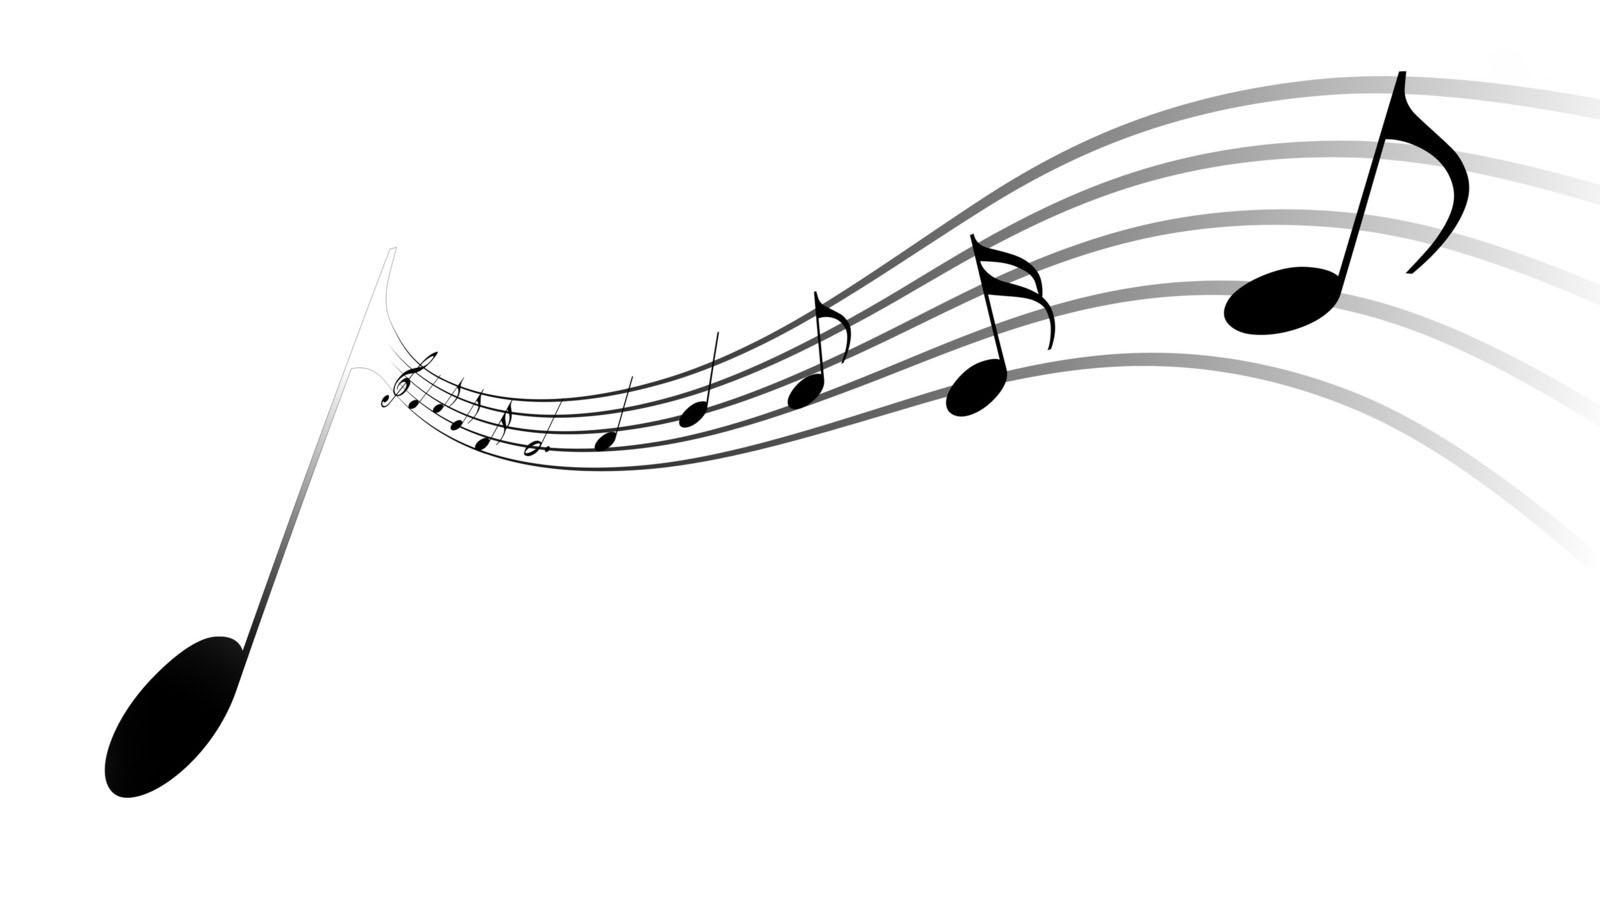 Ảnh âm nhạc cho powerpoint